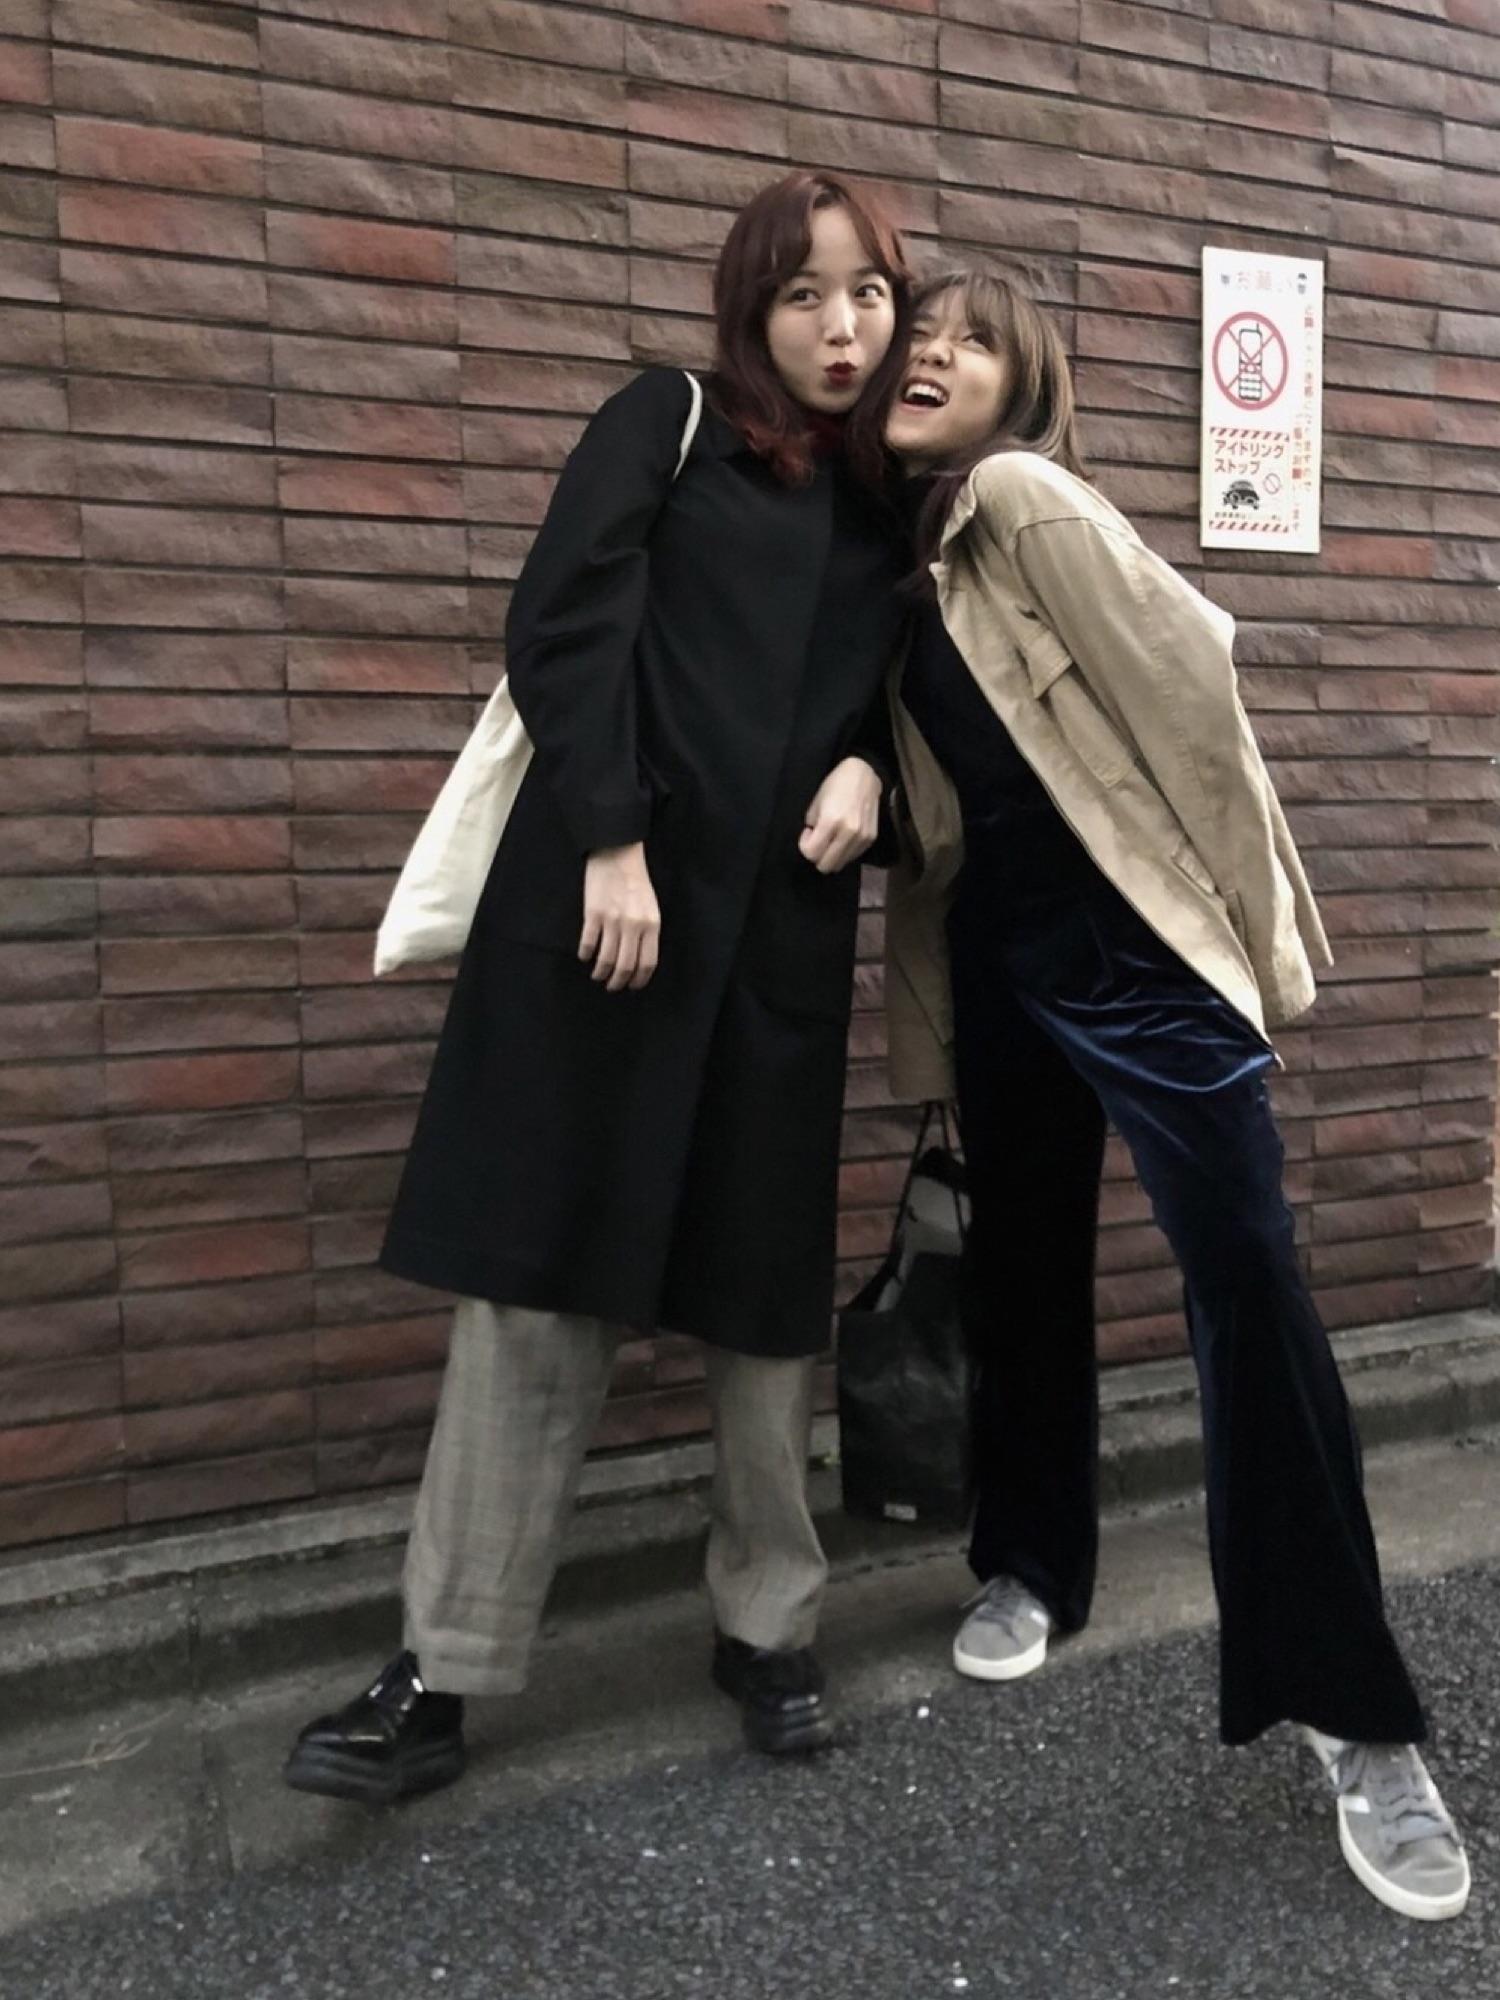 【アンジュルム】むろたんこと室田瑞希ちゃんを応援してみよう【ハッピー】 Part.155 YouTube動画>20本 ->画像>923枚